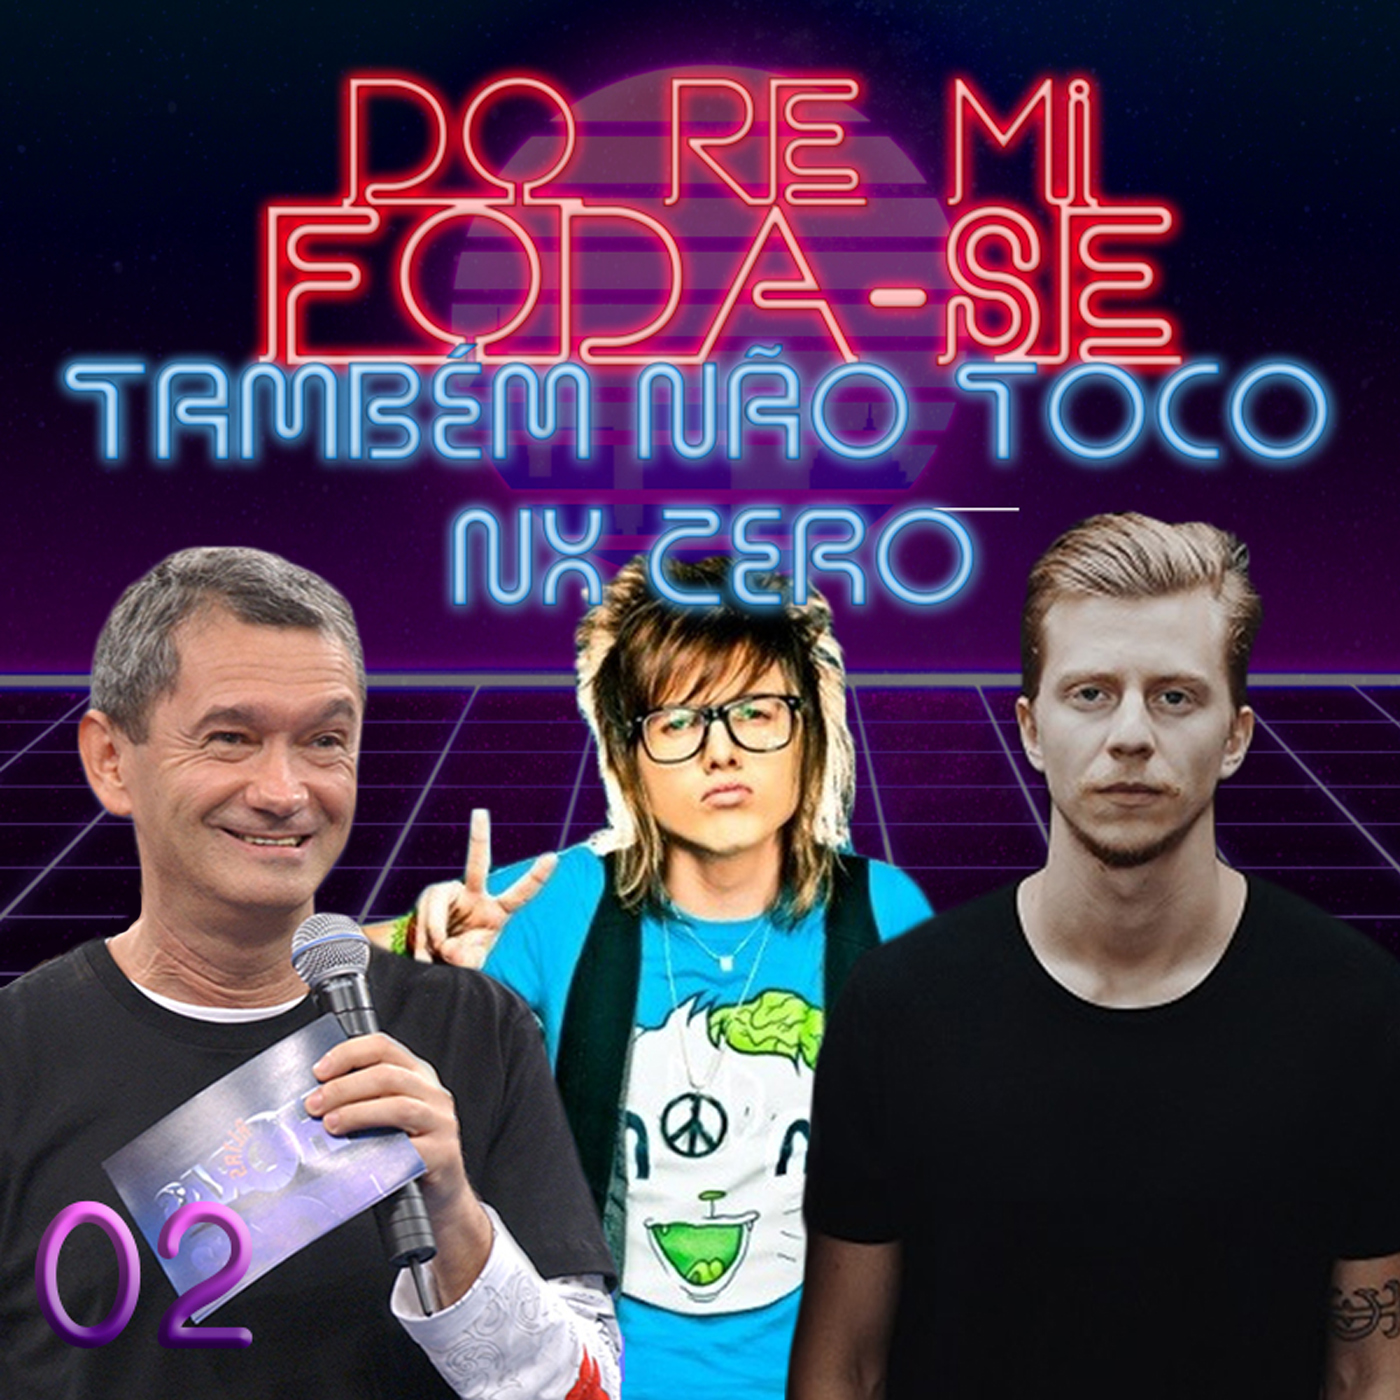 DOWNLOAD VOCE GRÁTIS ZERO CARTAS MUSICA PRA NX